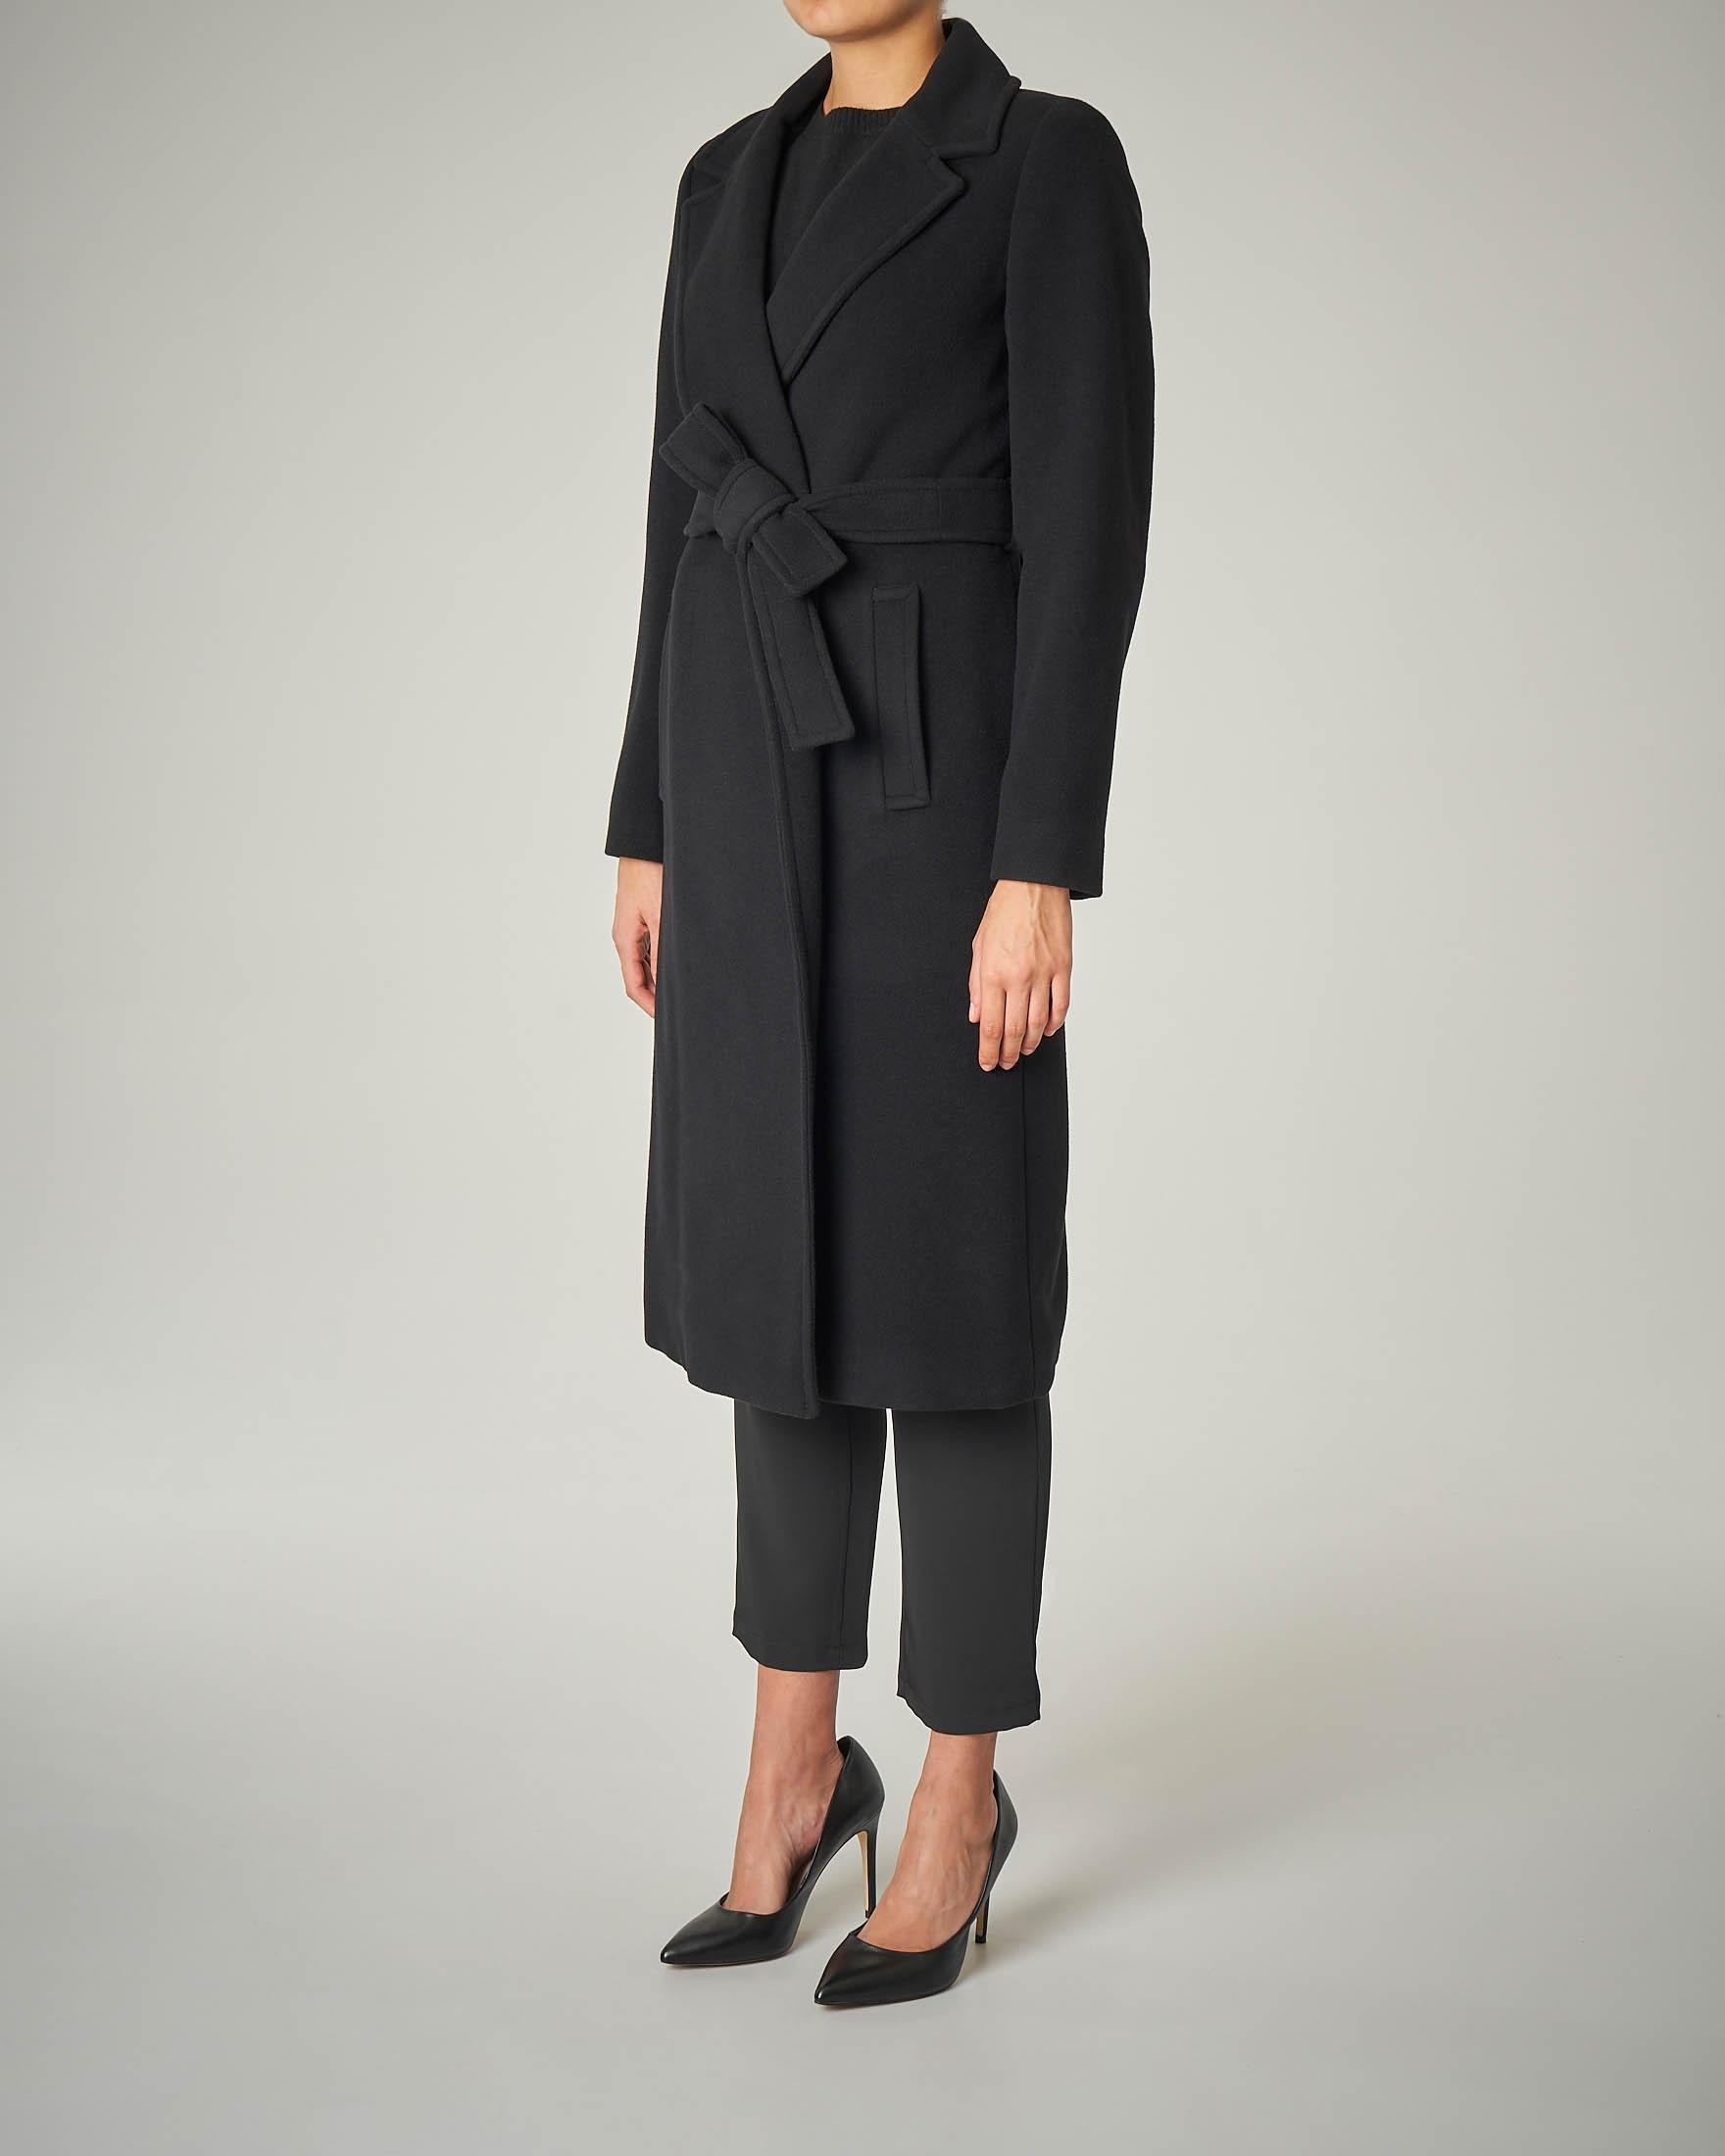 Cappotto sette ottavi nero con cintura